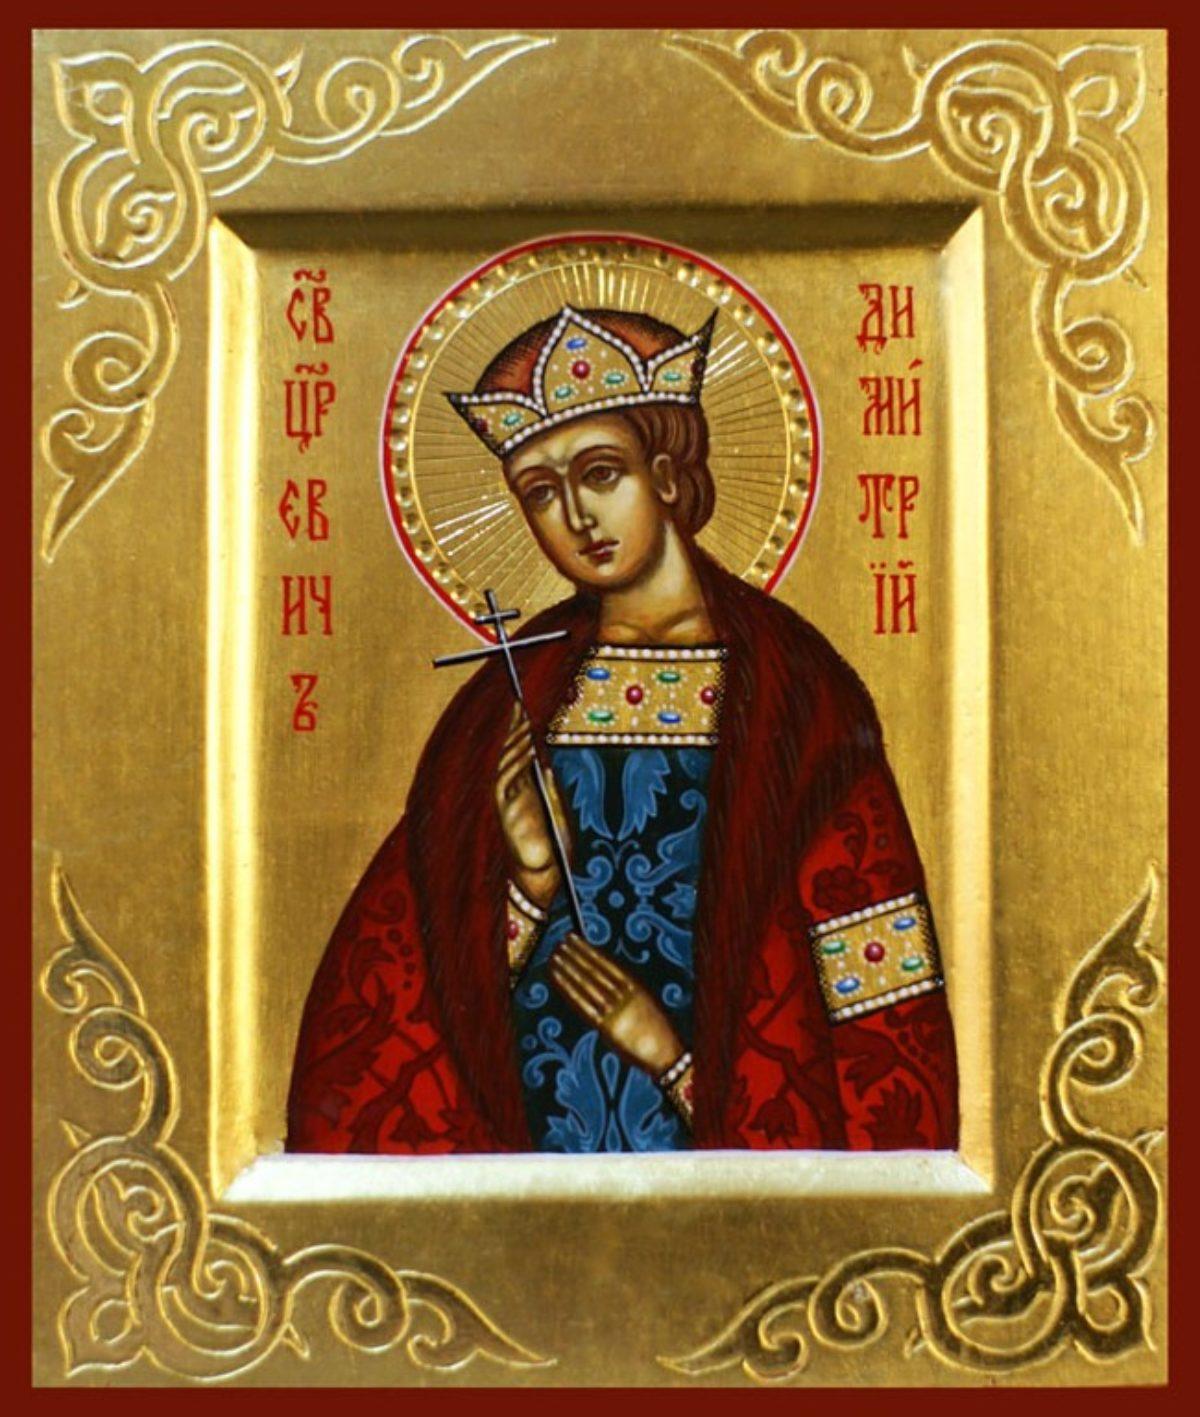 Детская святость. Святой царевич Димитрий